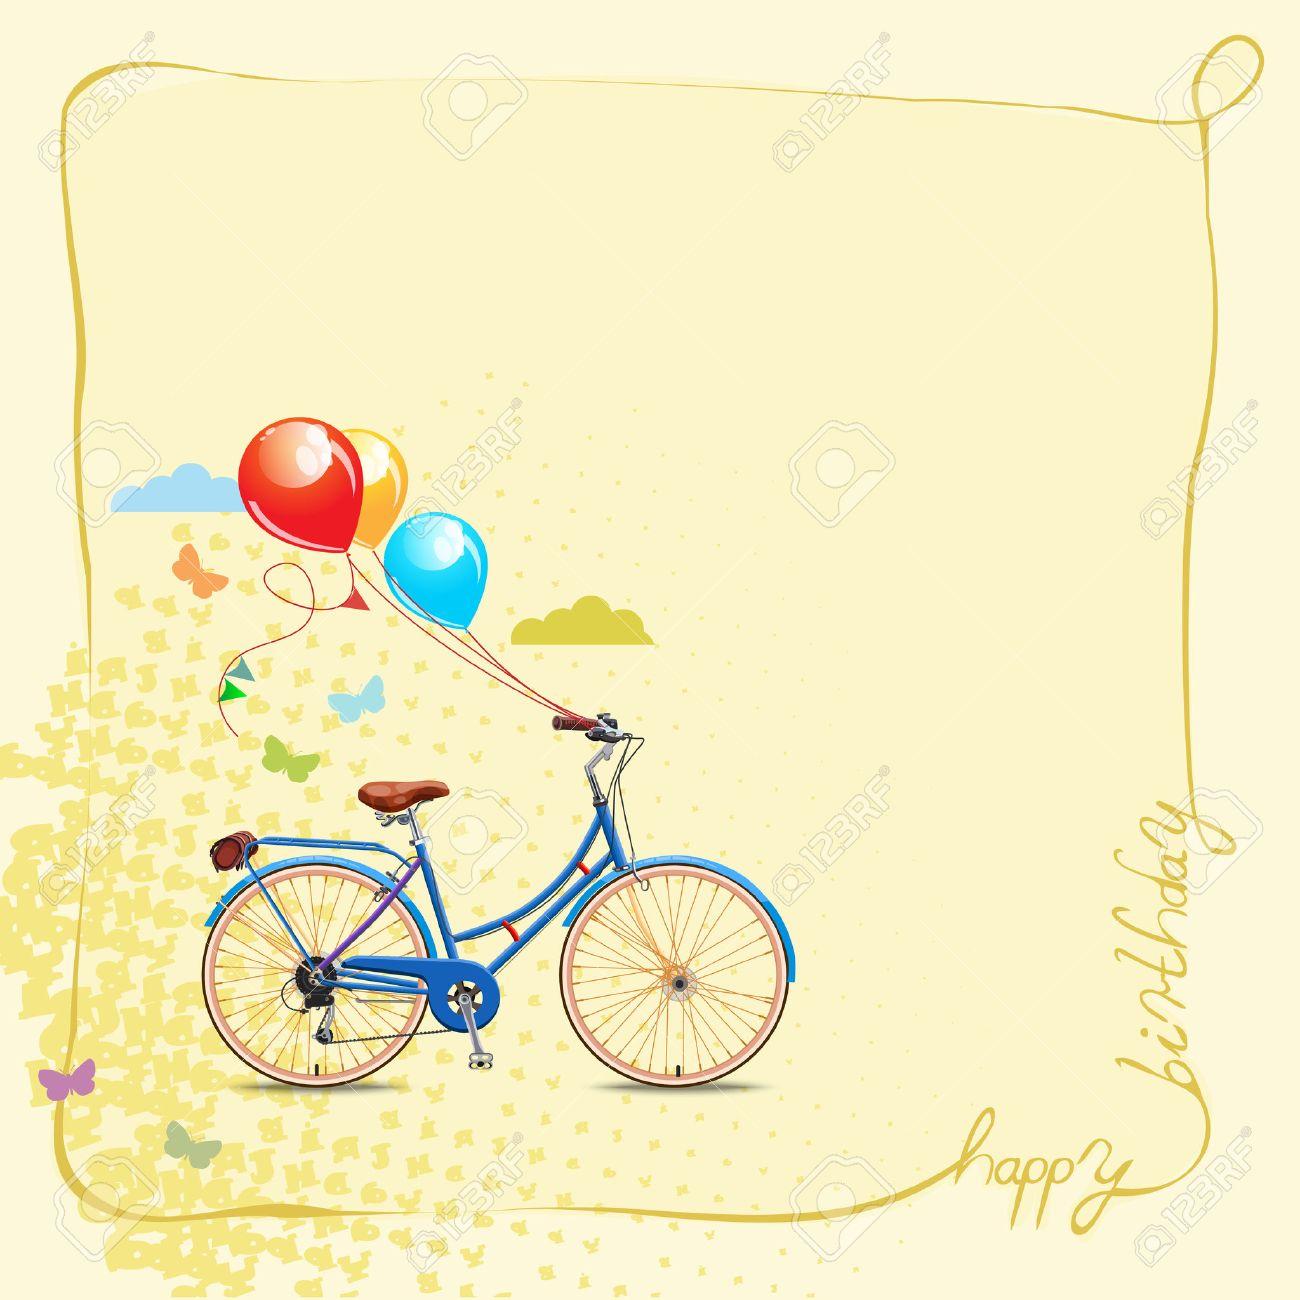 Alles Gute Zum Geburtstag Romantische Grusskarte Fahrrad Und Kuchen